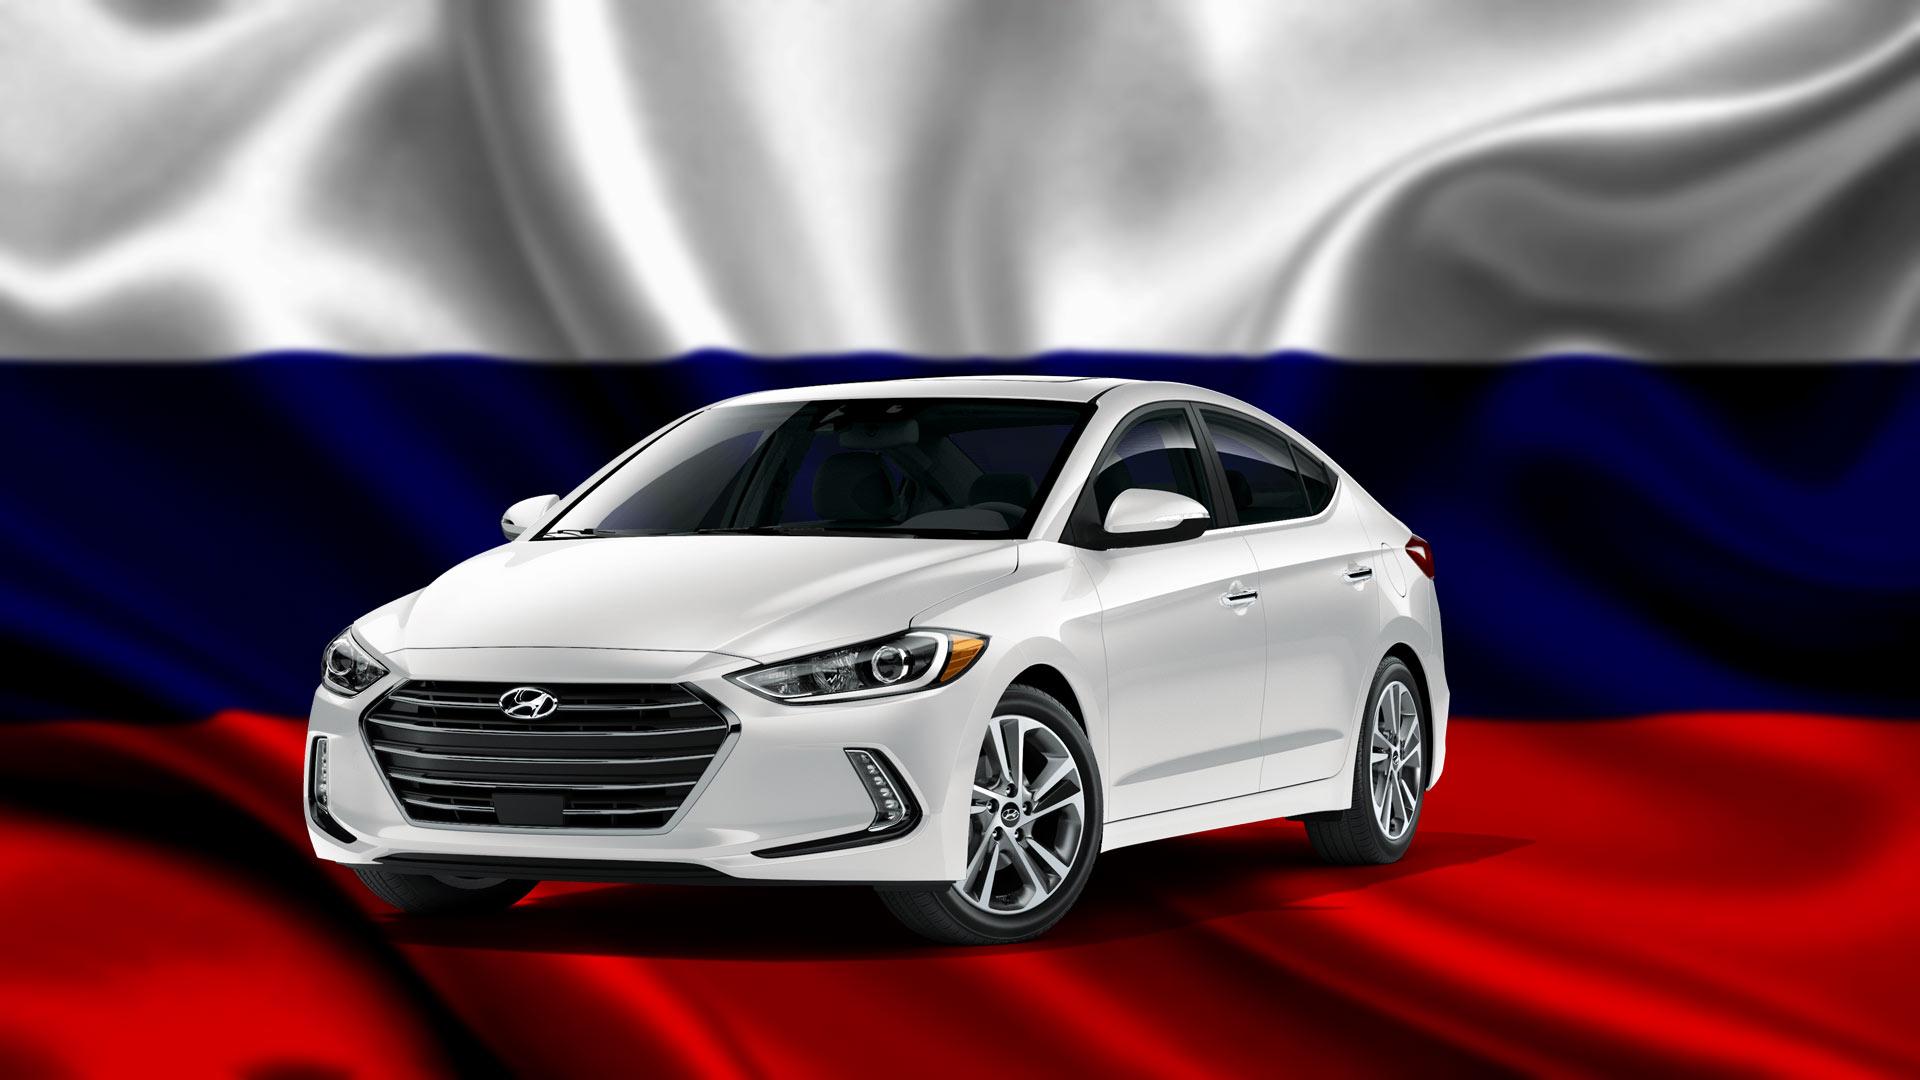 Купить авто в России без приключений